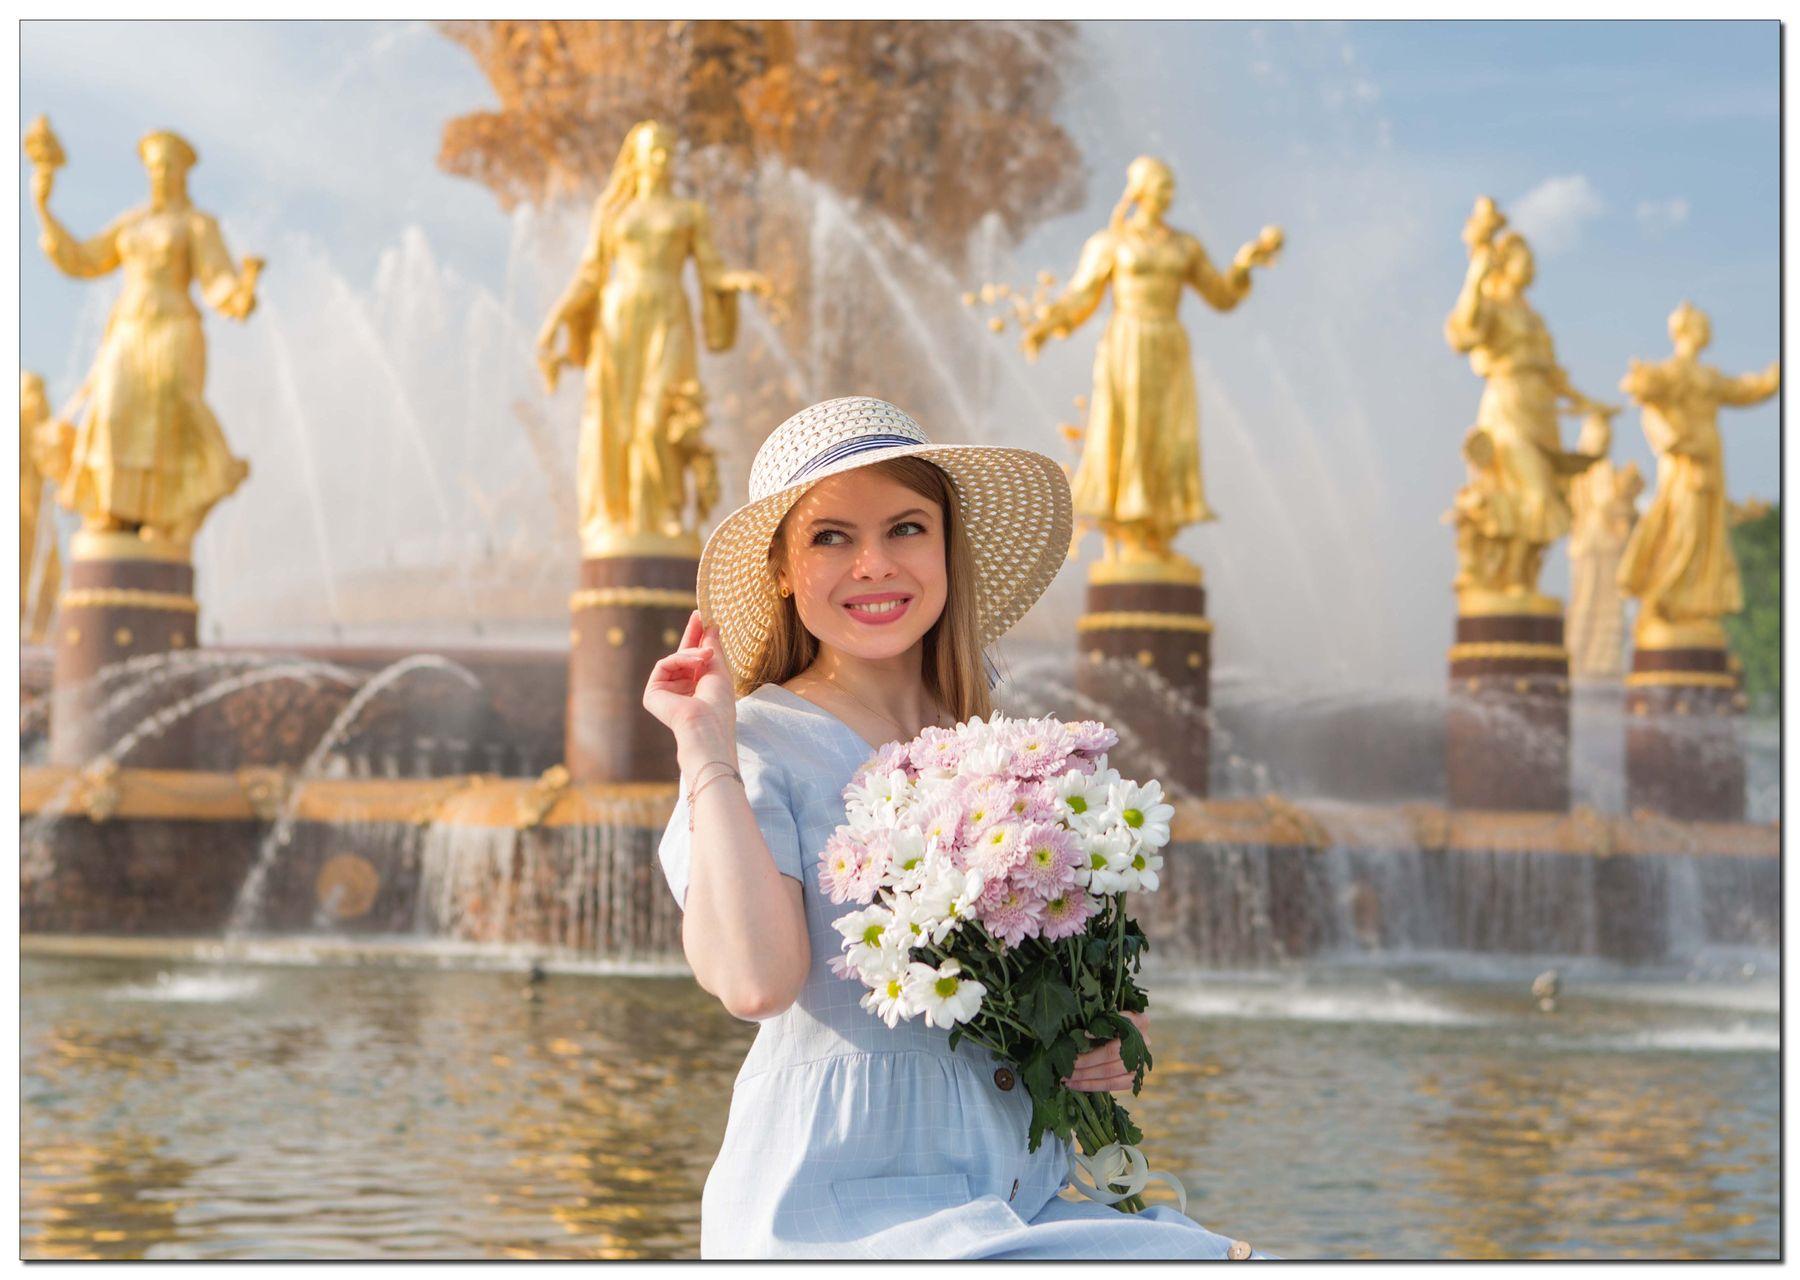 Про шляпку и фонтан